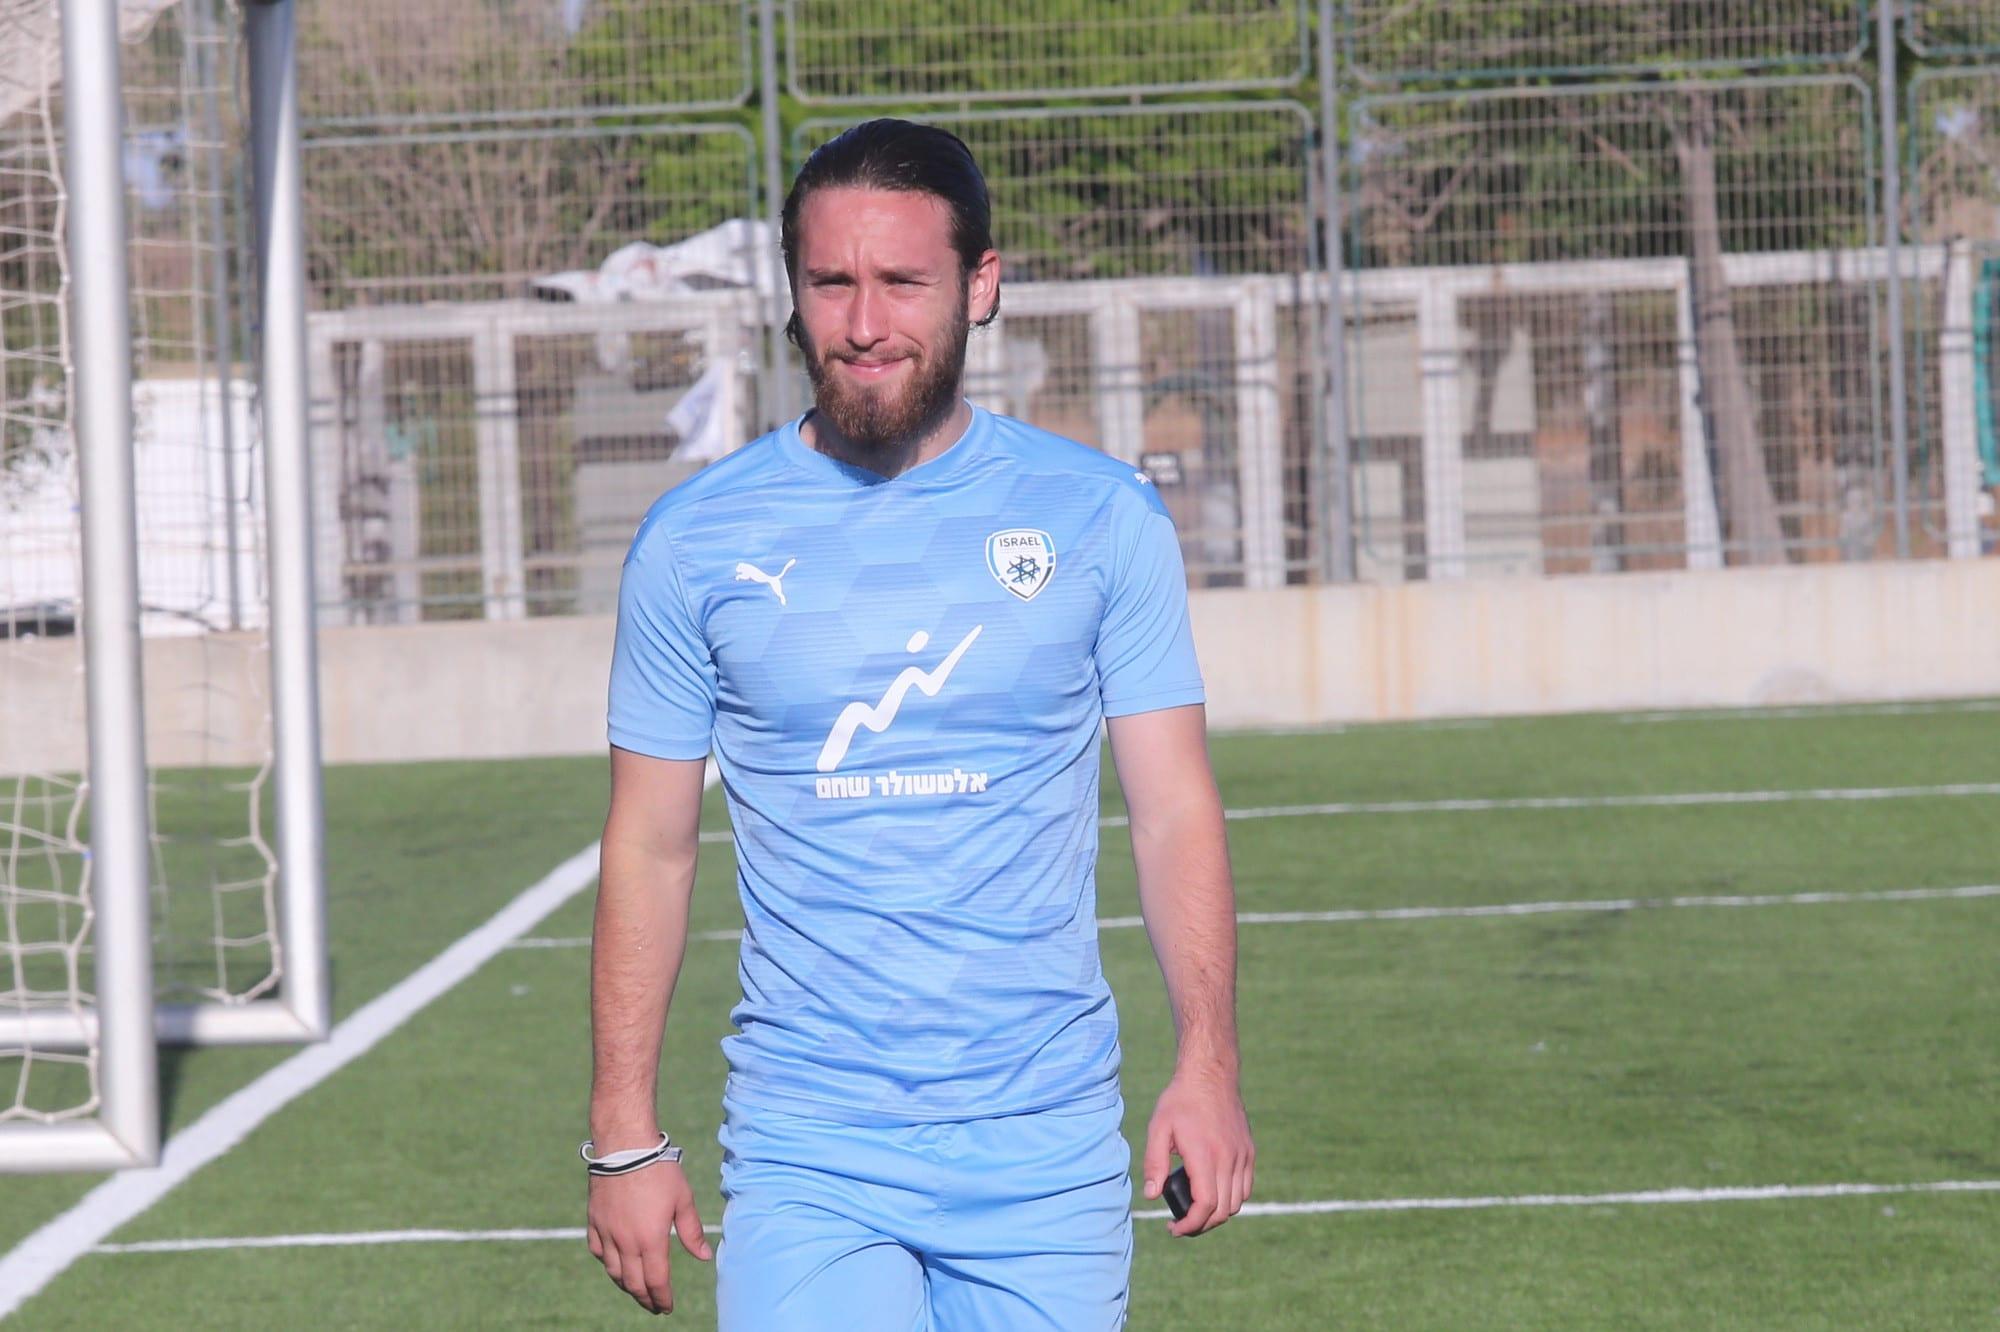 עופרי ארד שחקן נבחרת ישראל